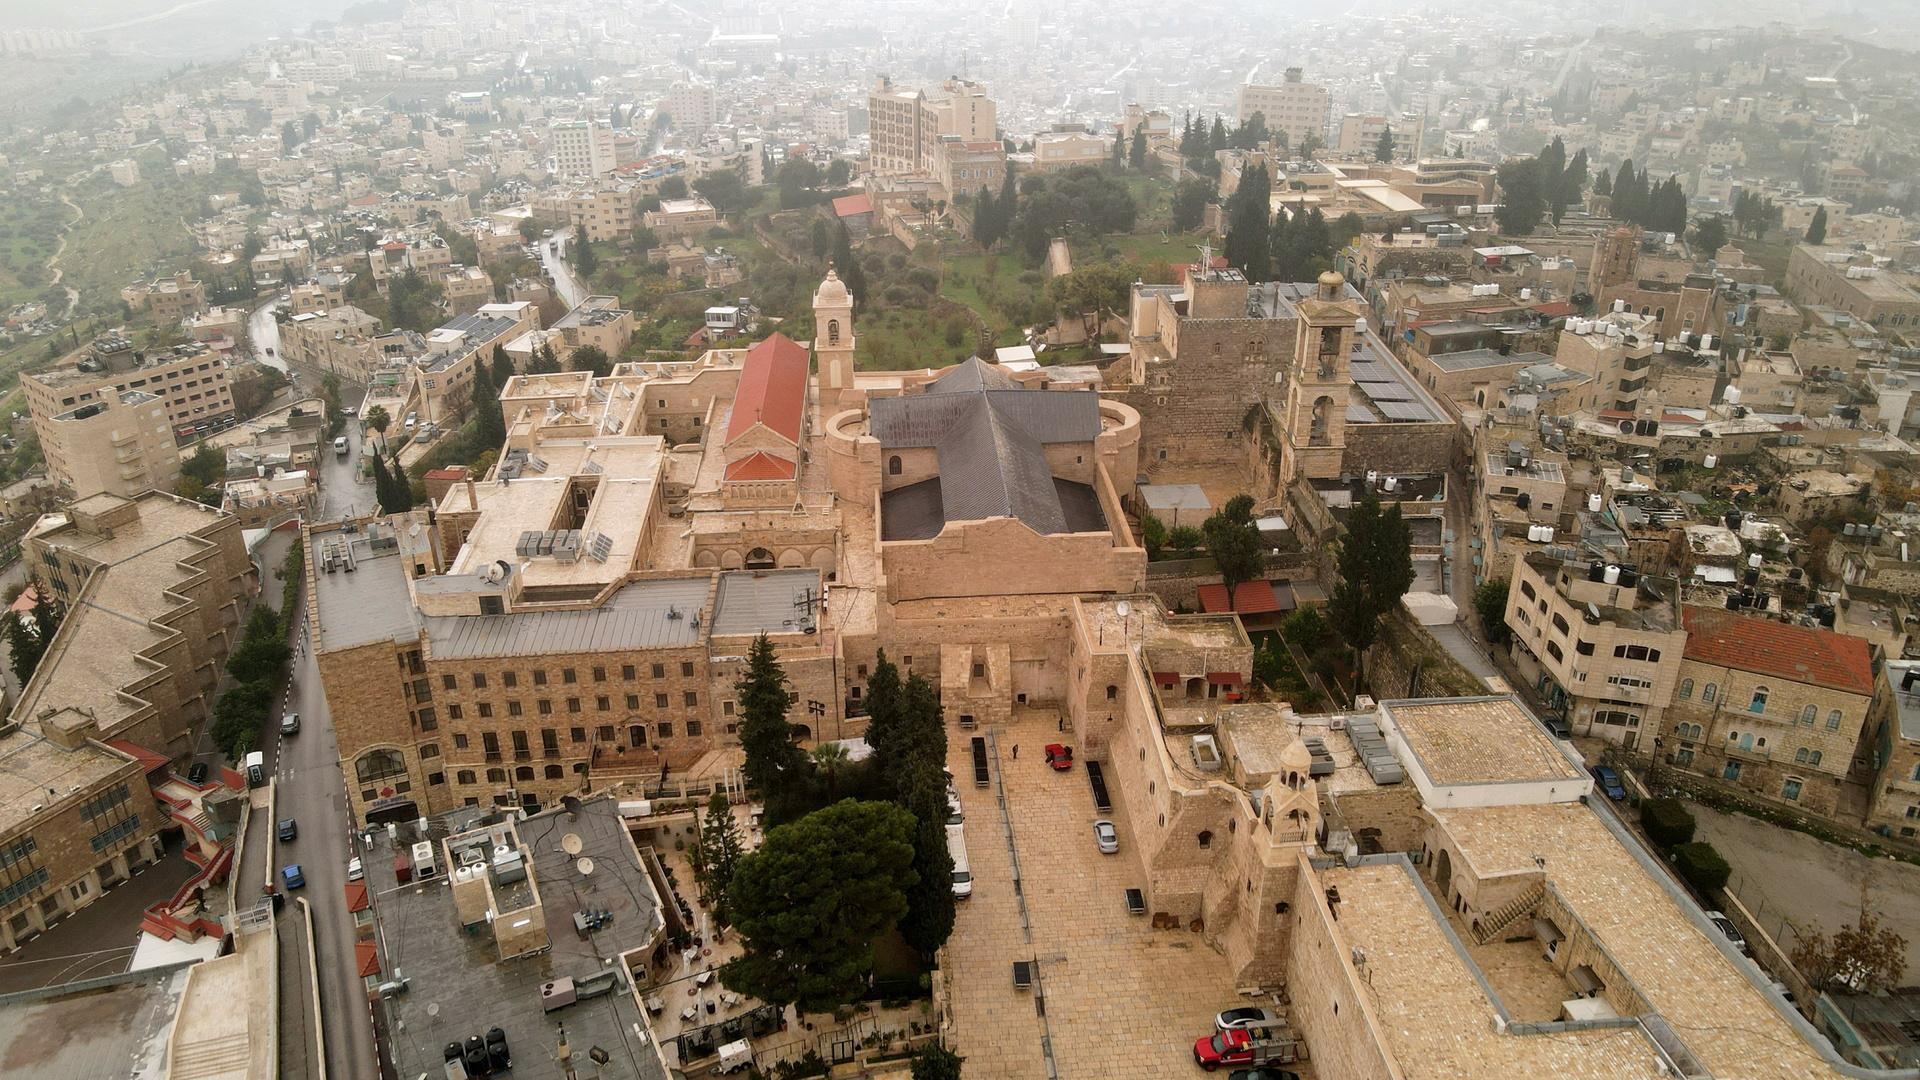 مصدر: صفقة إسرائيلية في بيت لحم لعزل العرب الأرثوذكس عن الأوقاف المسيحية